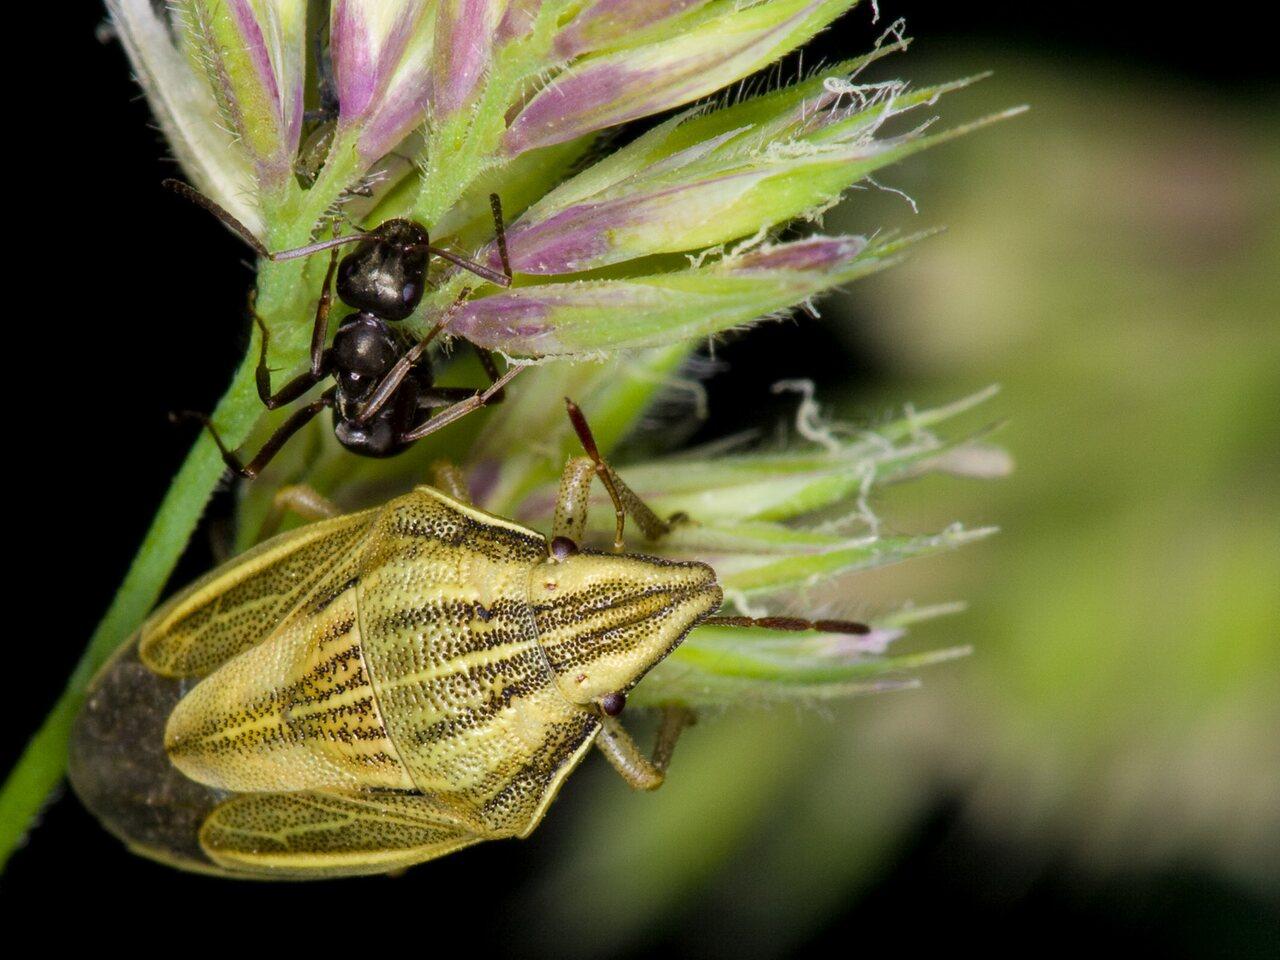 Aelia-acuminata-3593.jpg